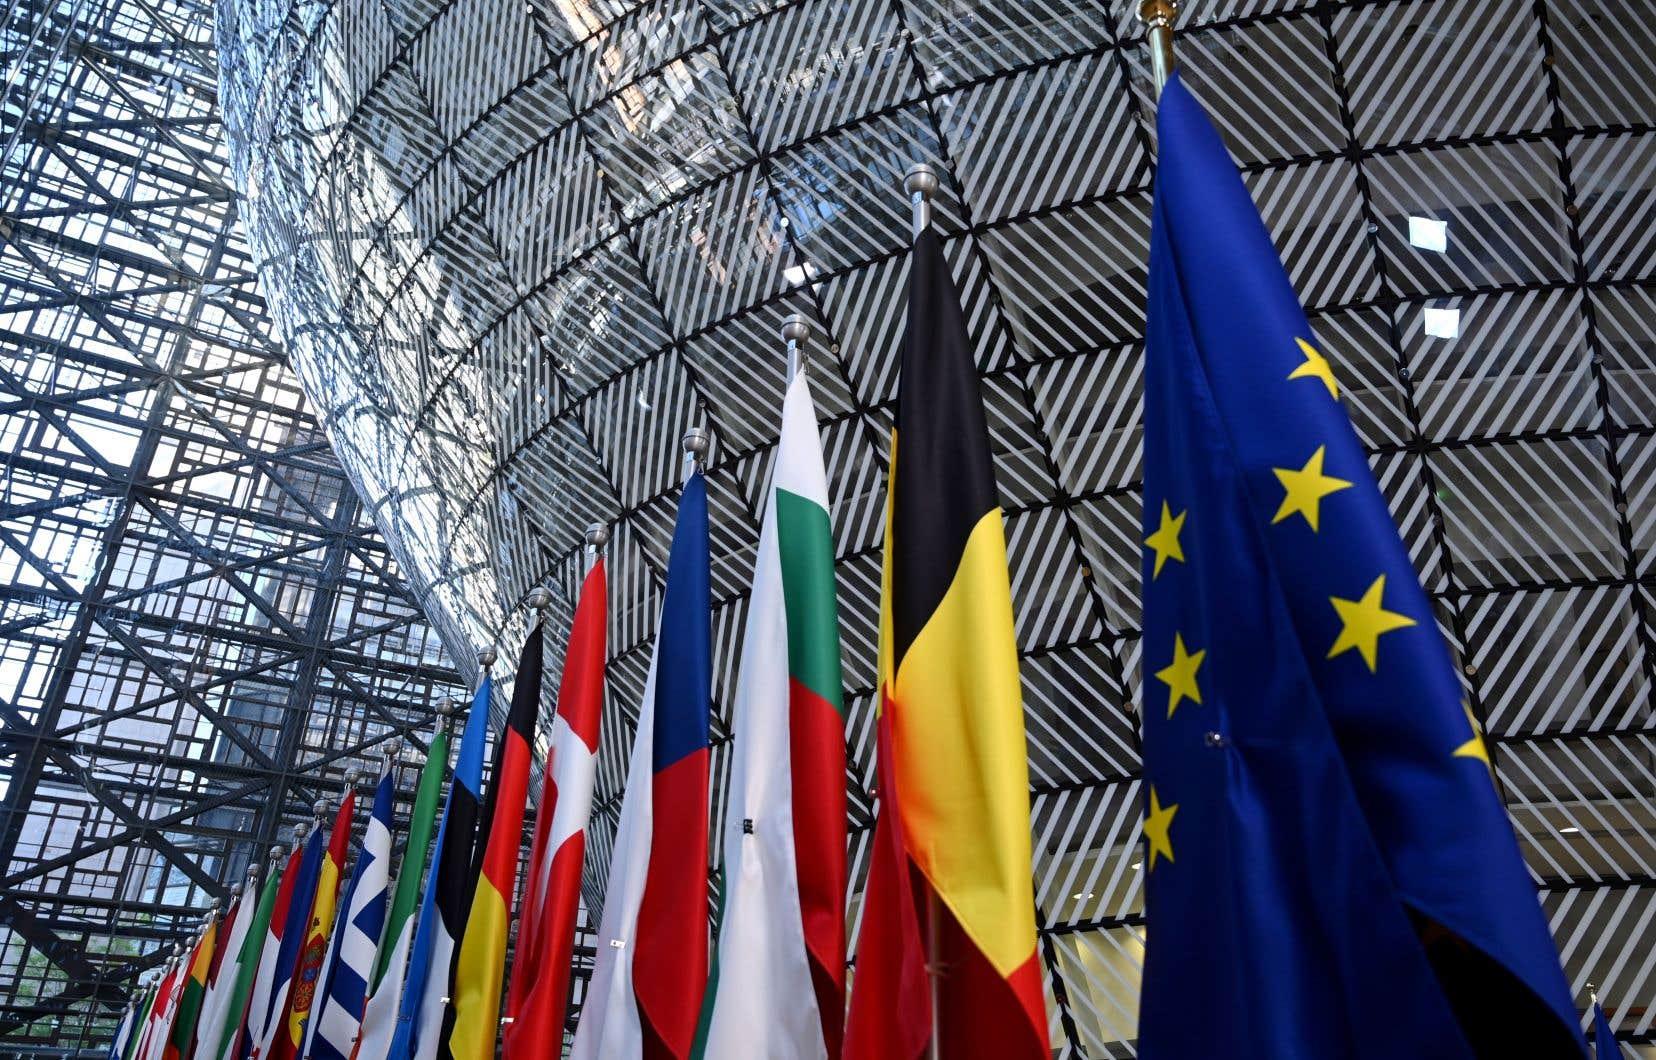 La Commission européenne veut contraindre les mutlinationales basées en Europe à révéler leur chiffre d'affaires, ainsi que les impôts payés dans les pays où elles sont actives.